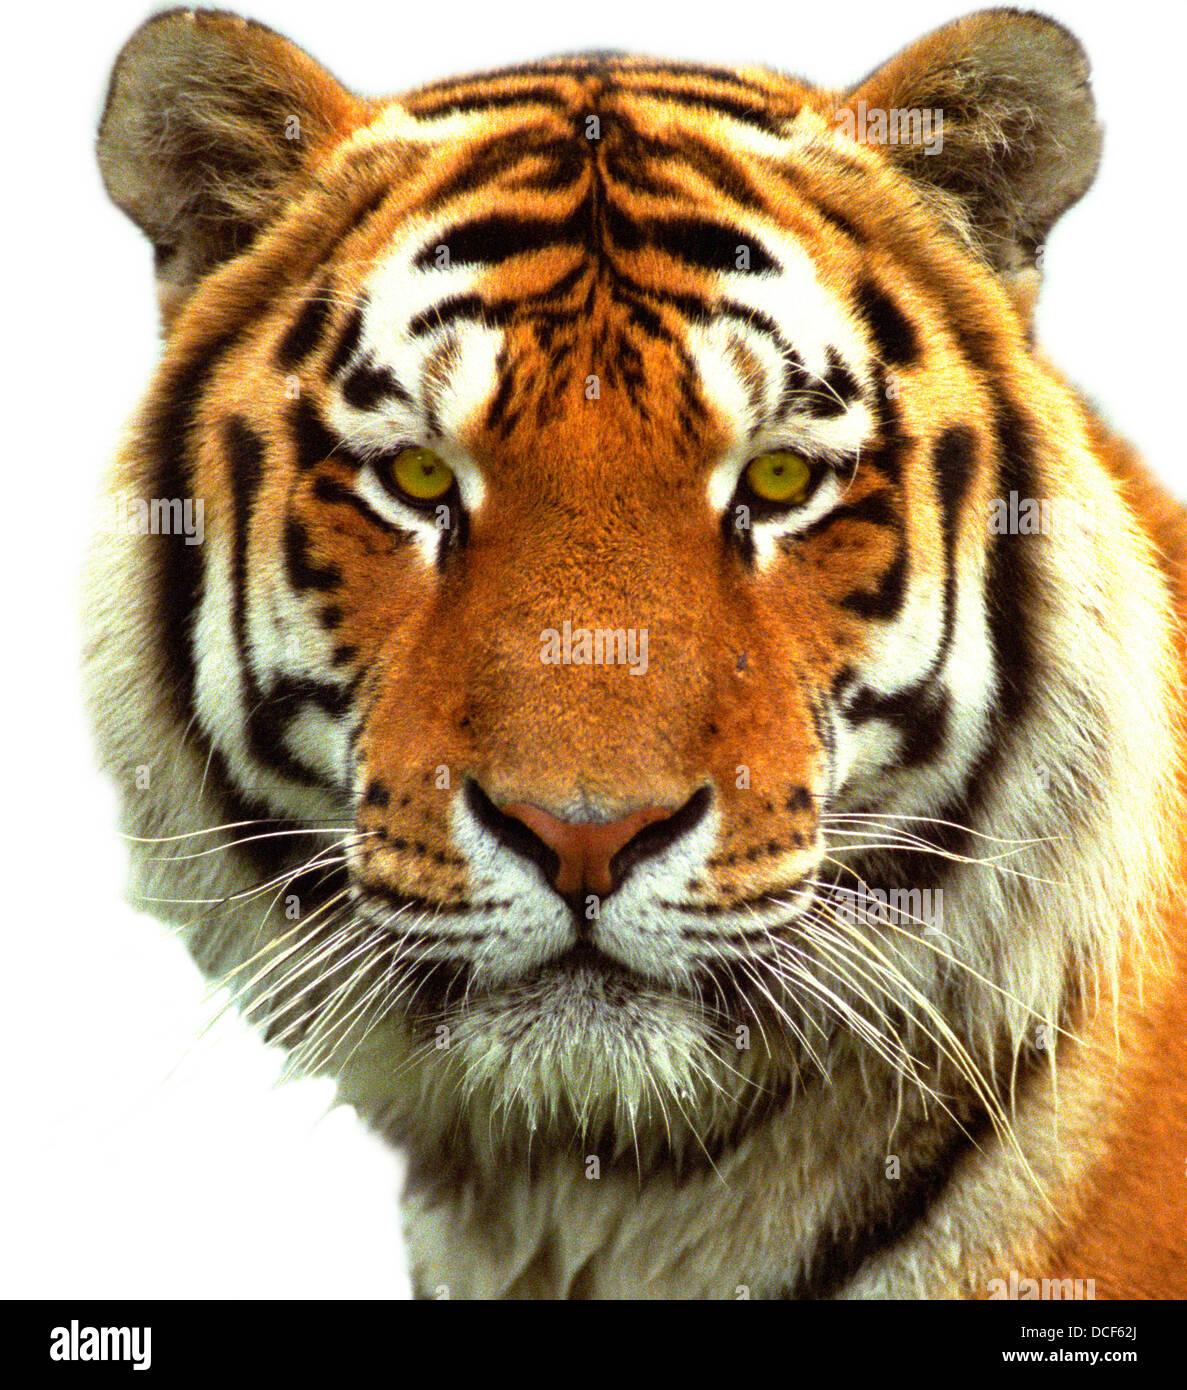 Tigers head siberian tiger 39 s head stock photo 59341034 - Image tete de tigre ...